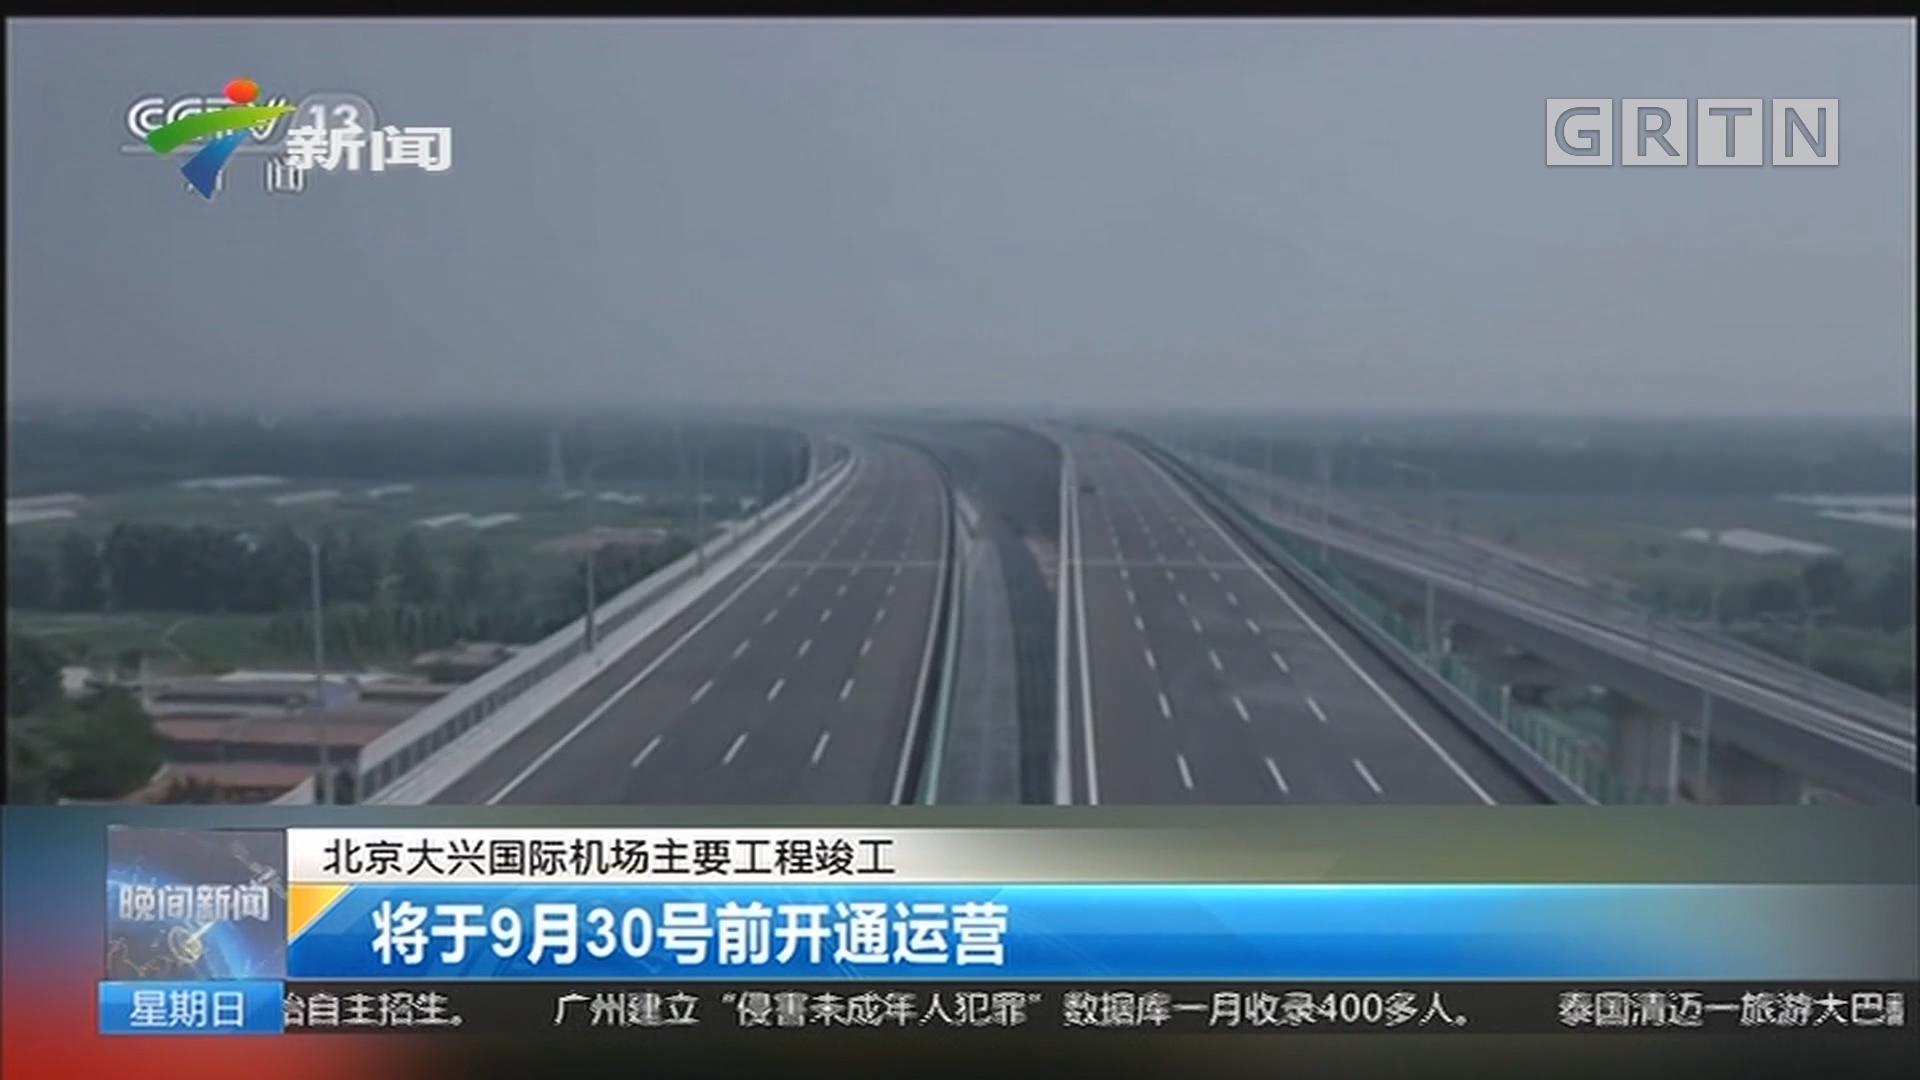 北京大兴国际机场主要工程竣工:将于9月30号前开通运营